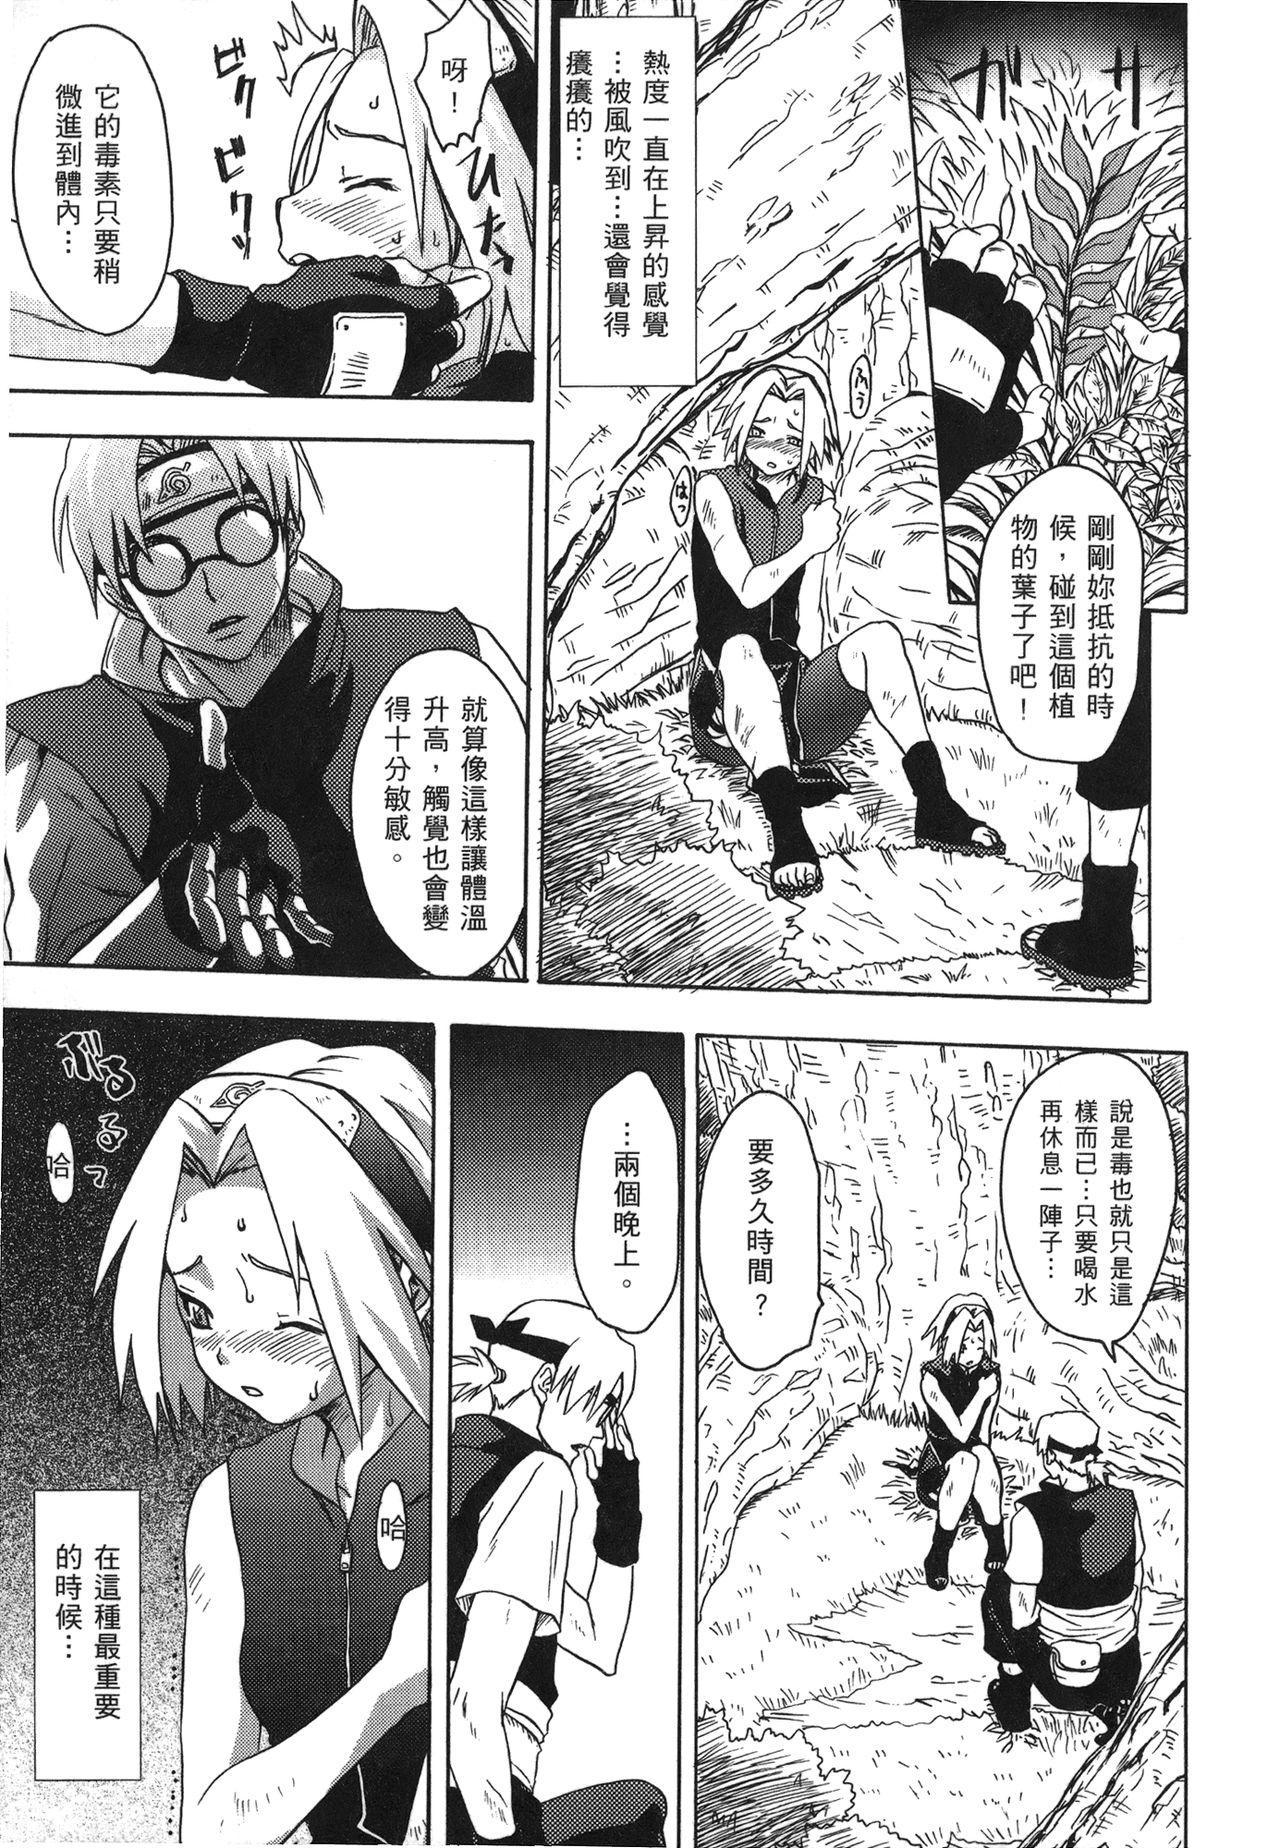 naruto ninja biography vol.07 93